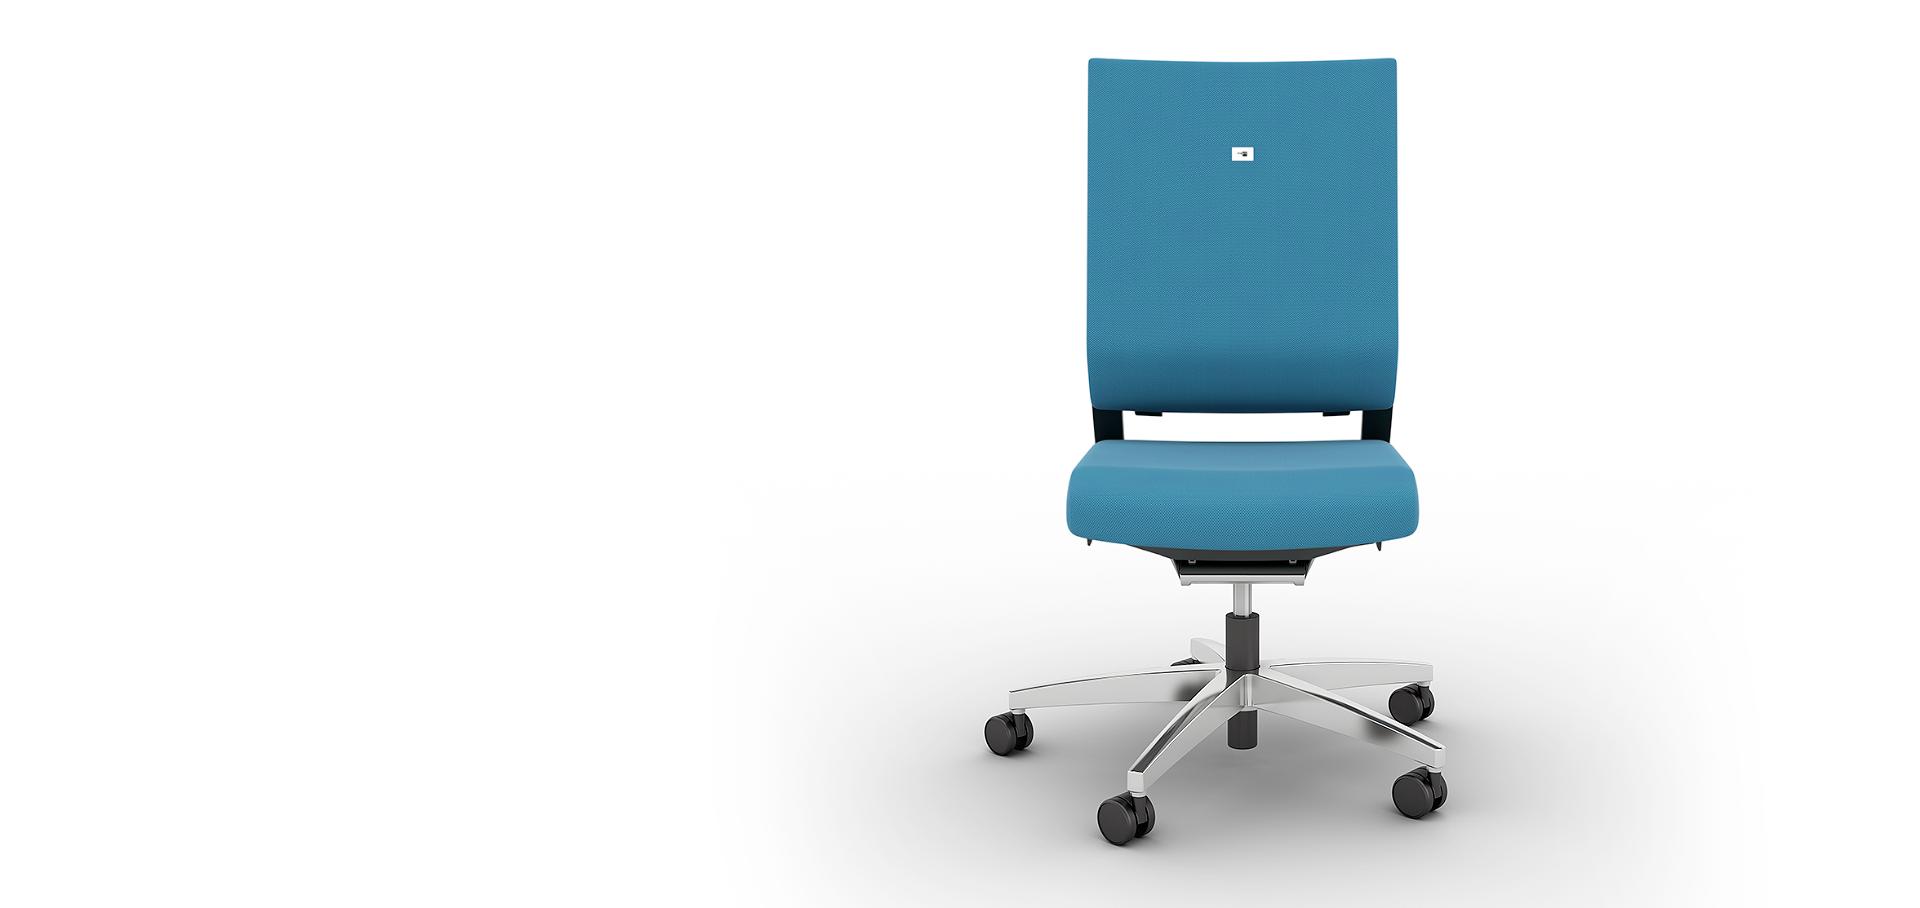 Немецкое кресло для офиса Impulse без подголовника, исполнение ткань цвет голубой или по выбору клиента, крестовина полированный алюминий, автоматическая настройка на вес сидящего